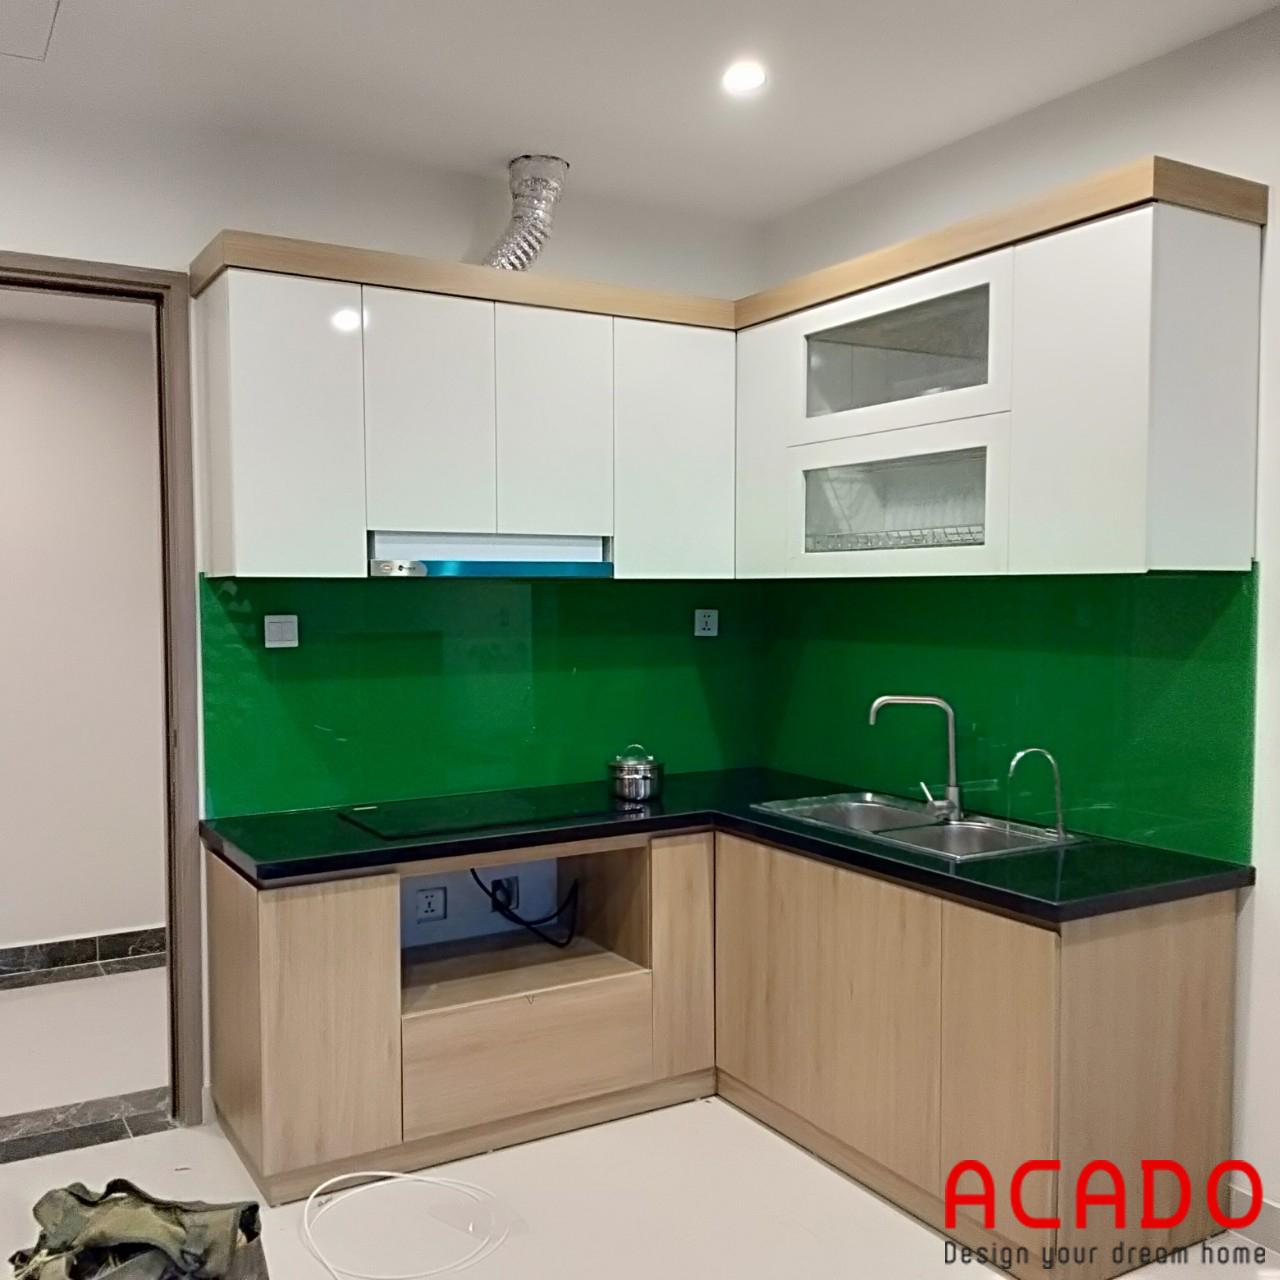 Tủ bếp Melamine kính bếp màu xanh lá cây nổi bật và thu hút - làm tủ bếp tại Tây Mỗ